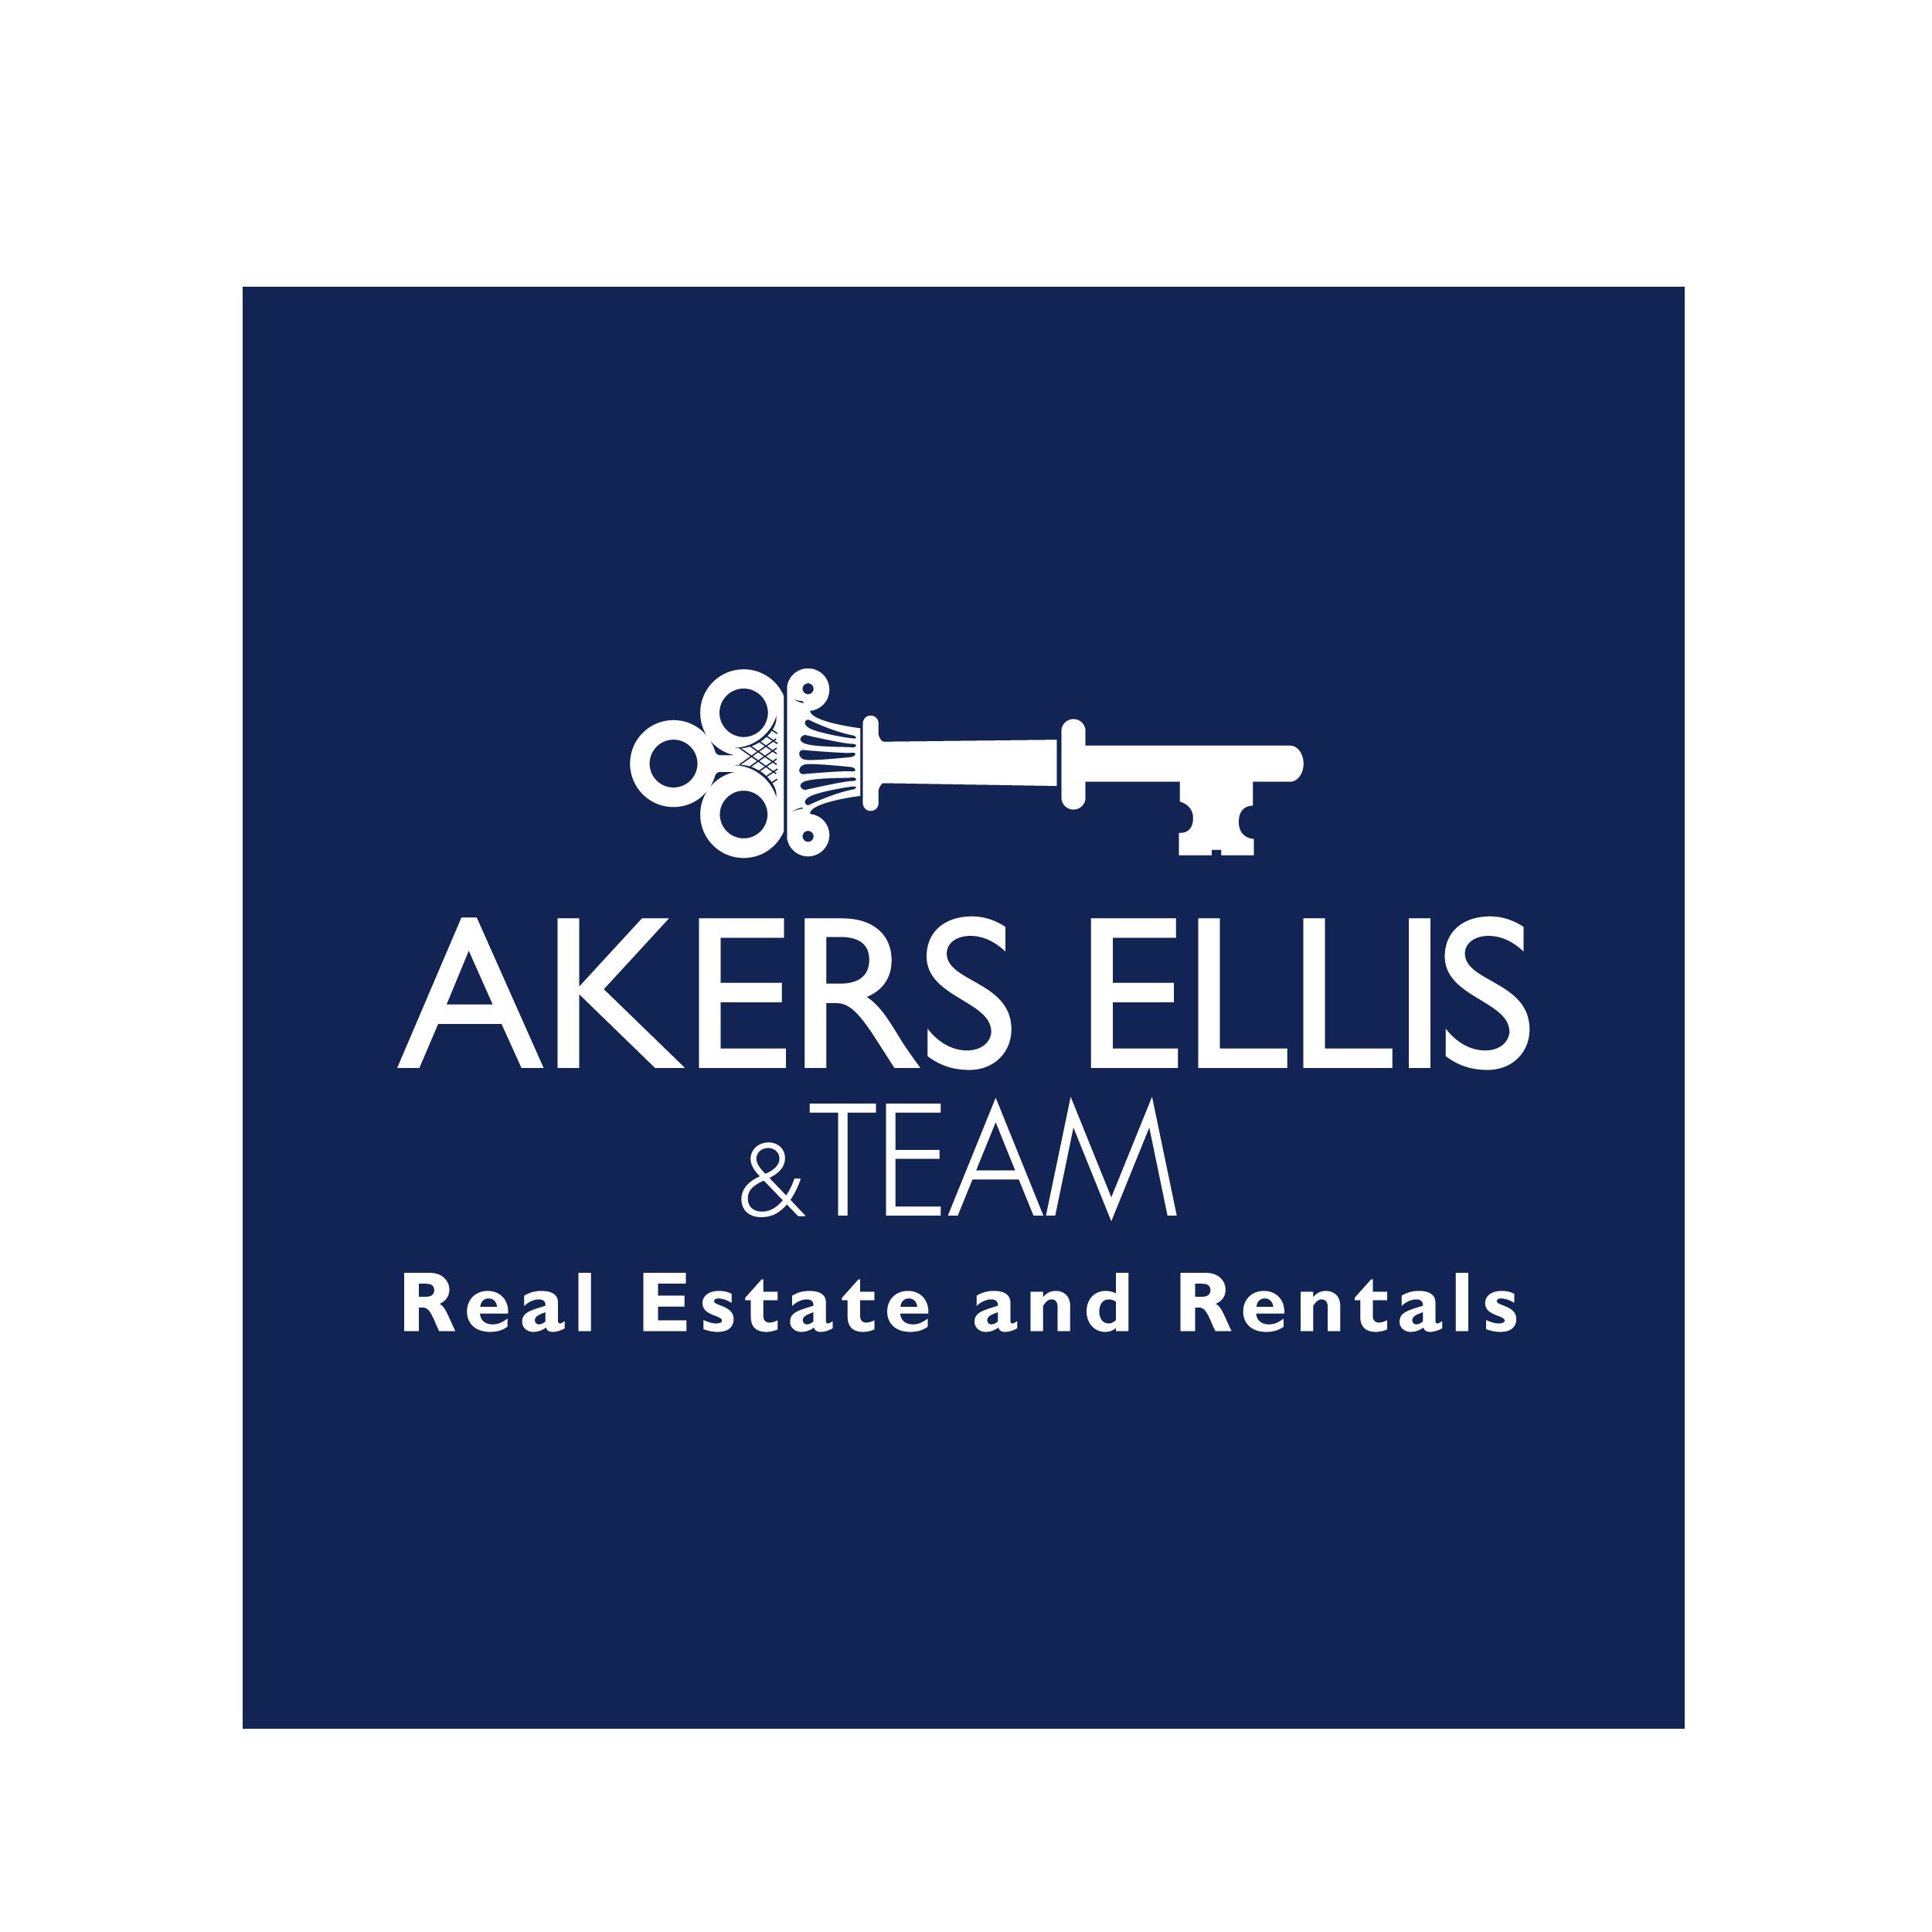 Akers & Ellis Real Estate and Rentals